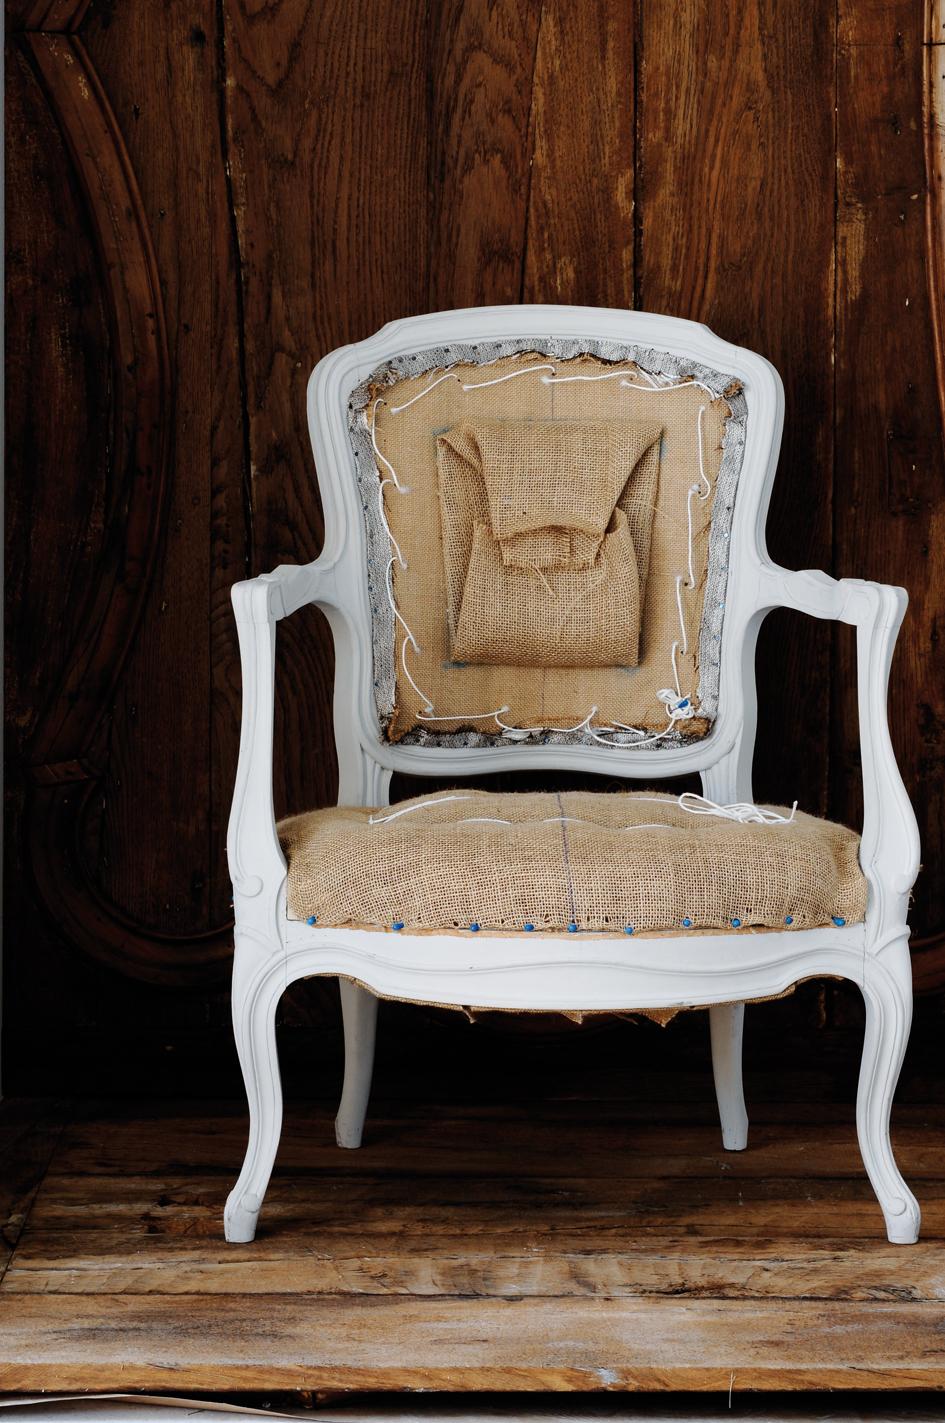 la r fection de si ges int rieurs. Black Bedroom Furniture Sets. Home Design Ideas